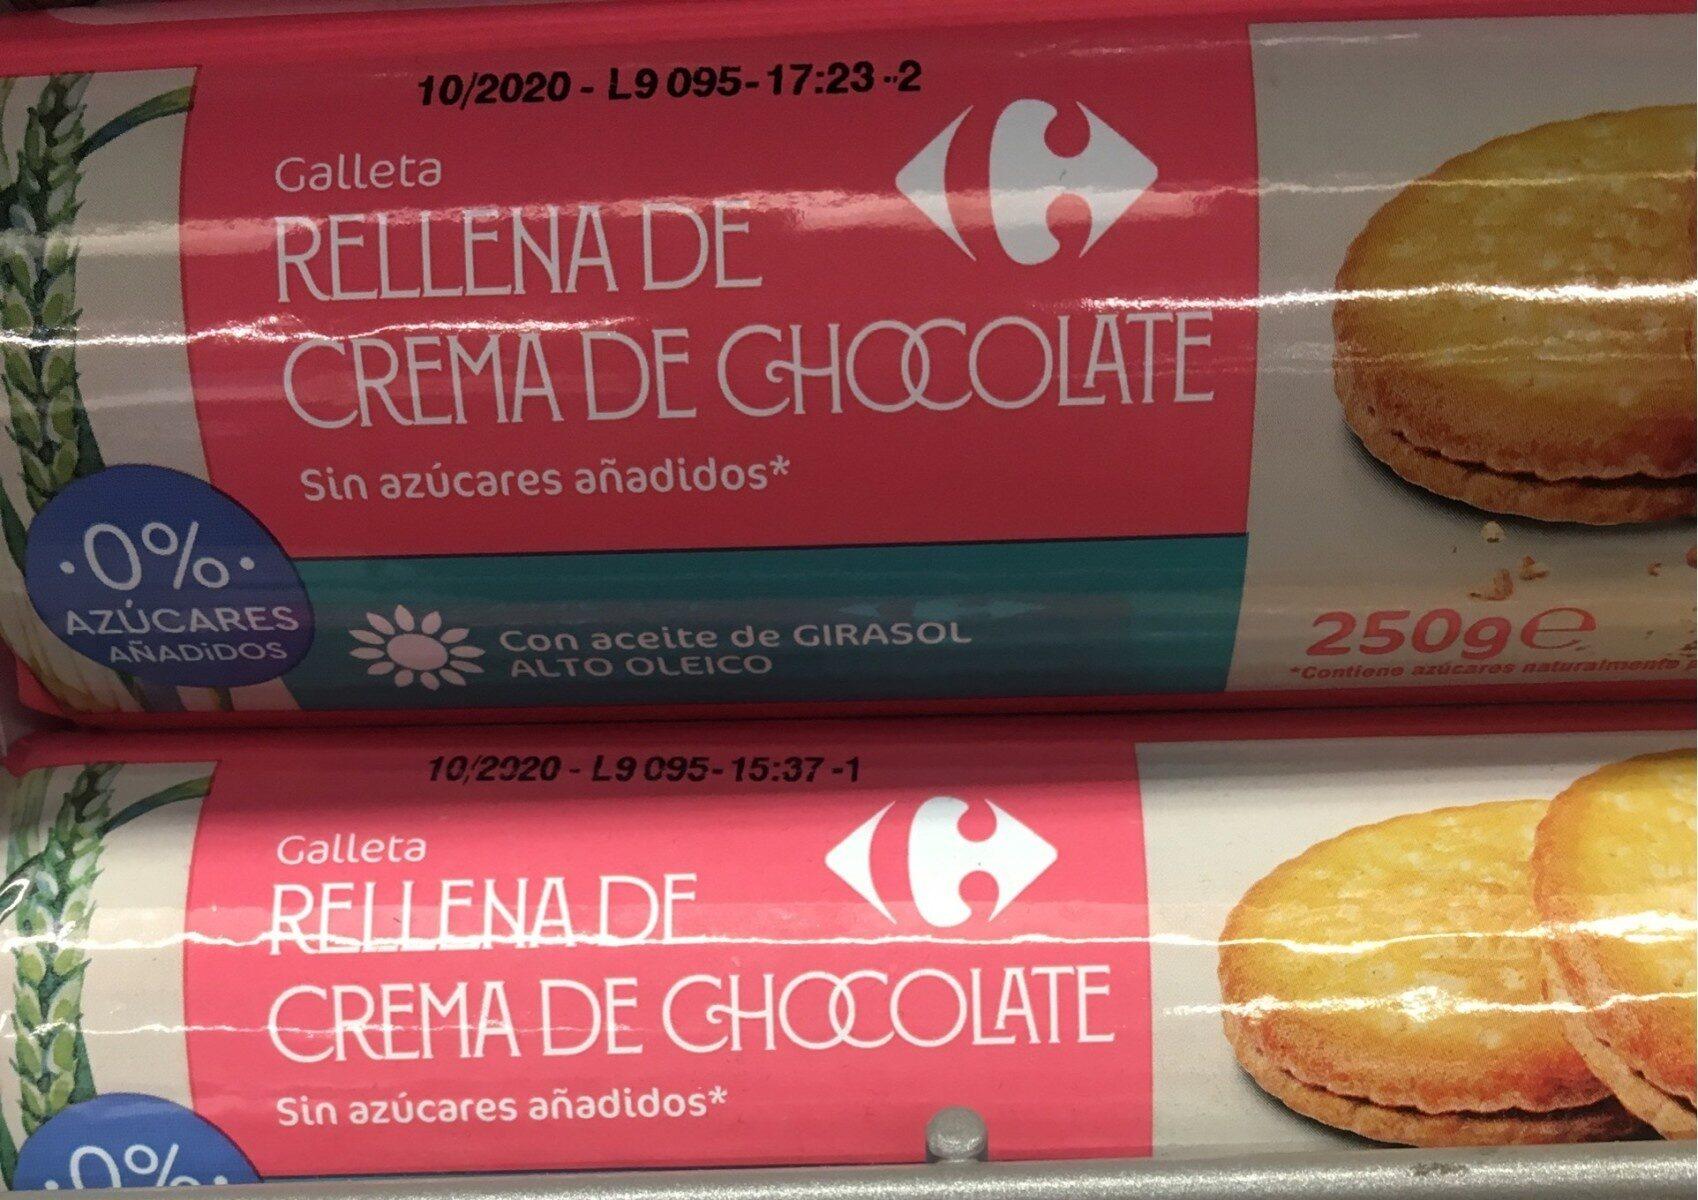 Galleta rellena de crema de chocolate - Producto